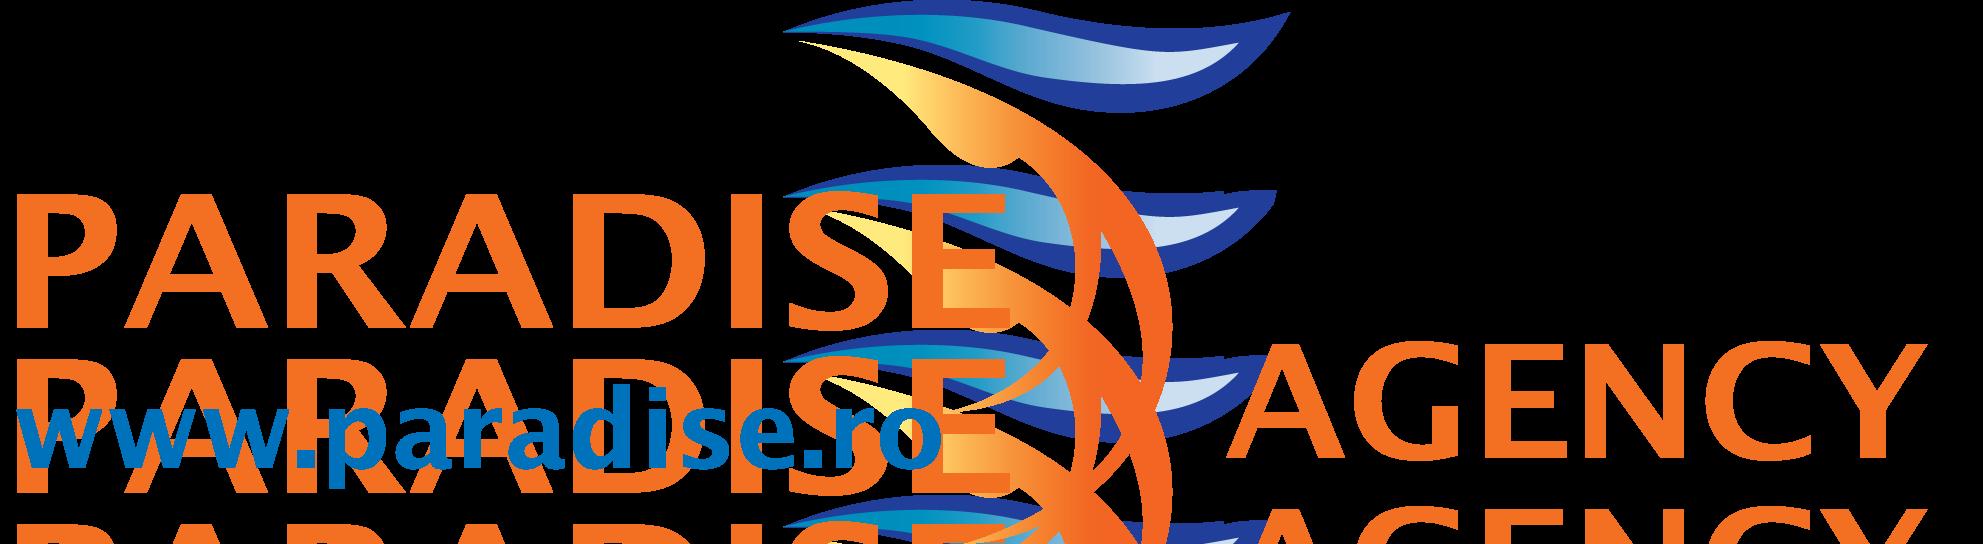 Travel Agency Logos  - Paradise Travel Agency Logo